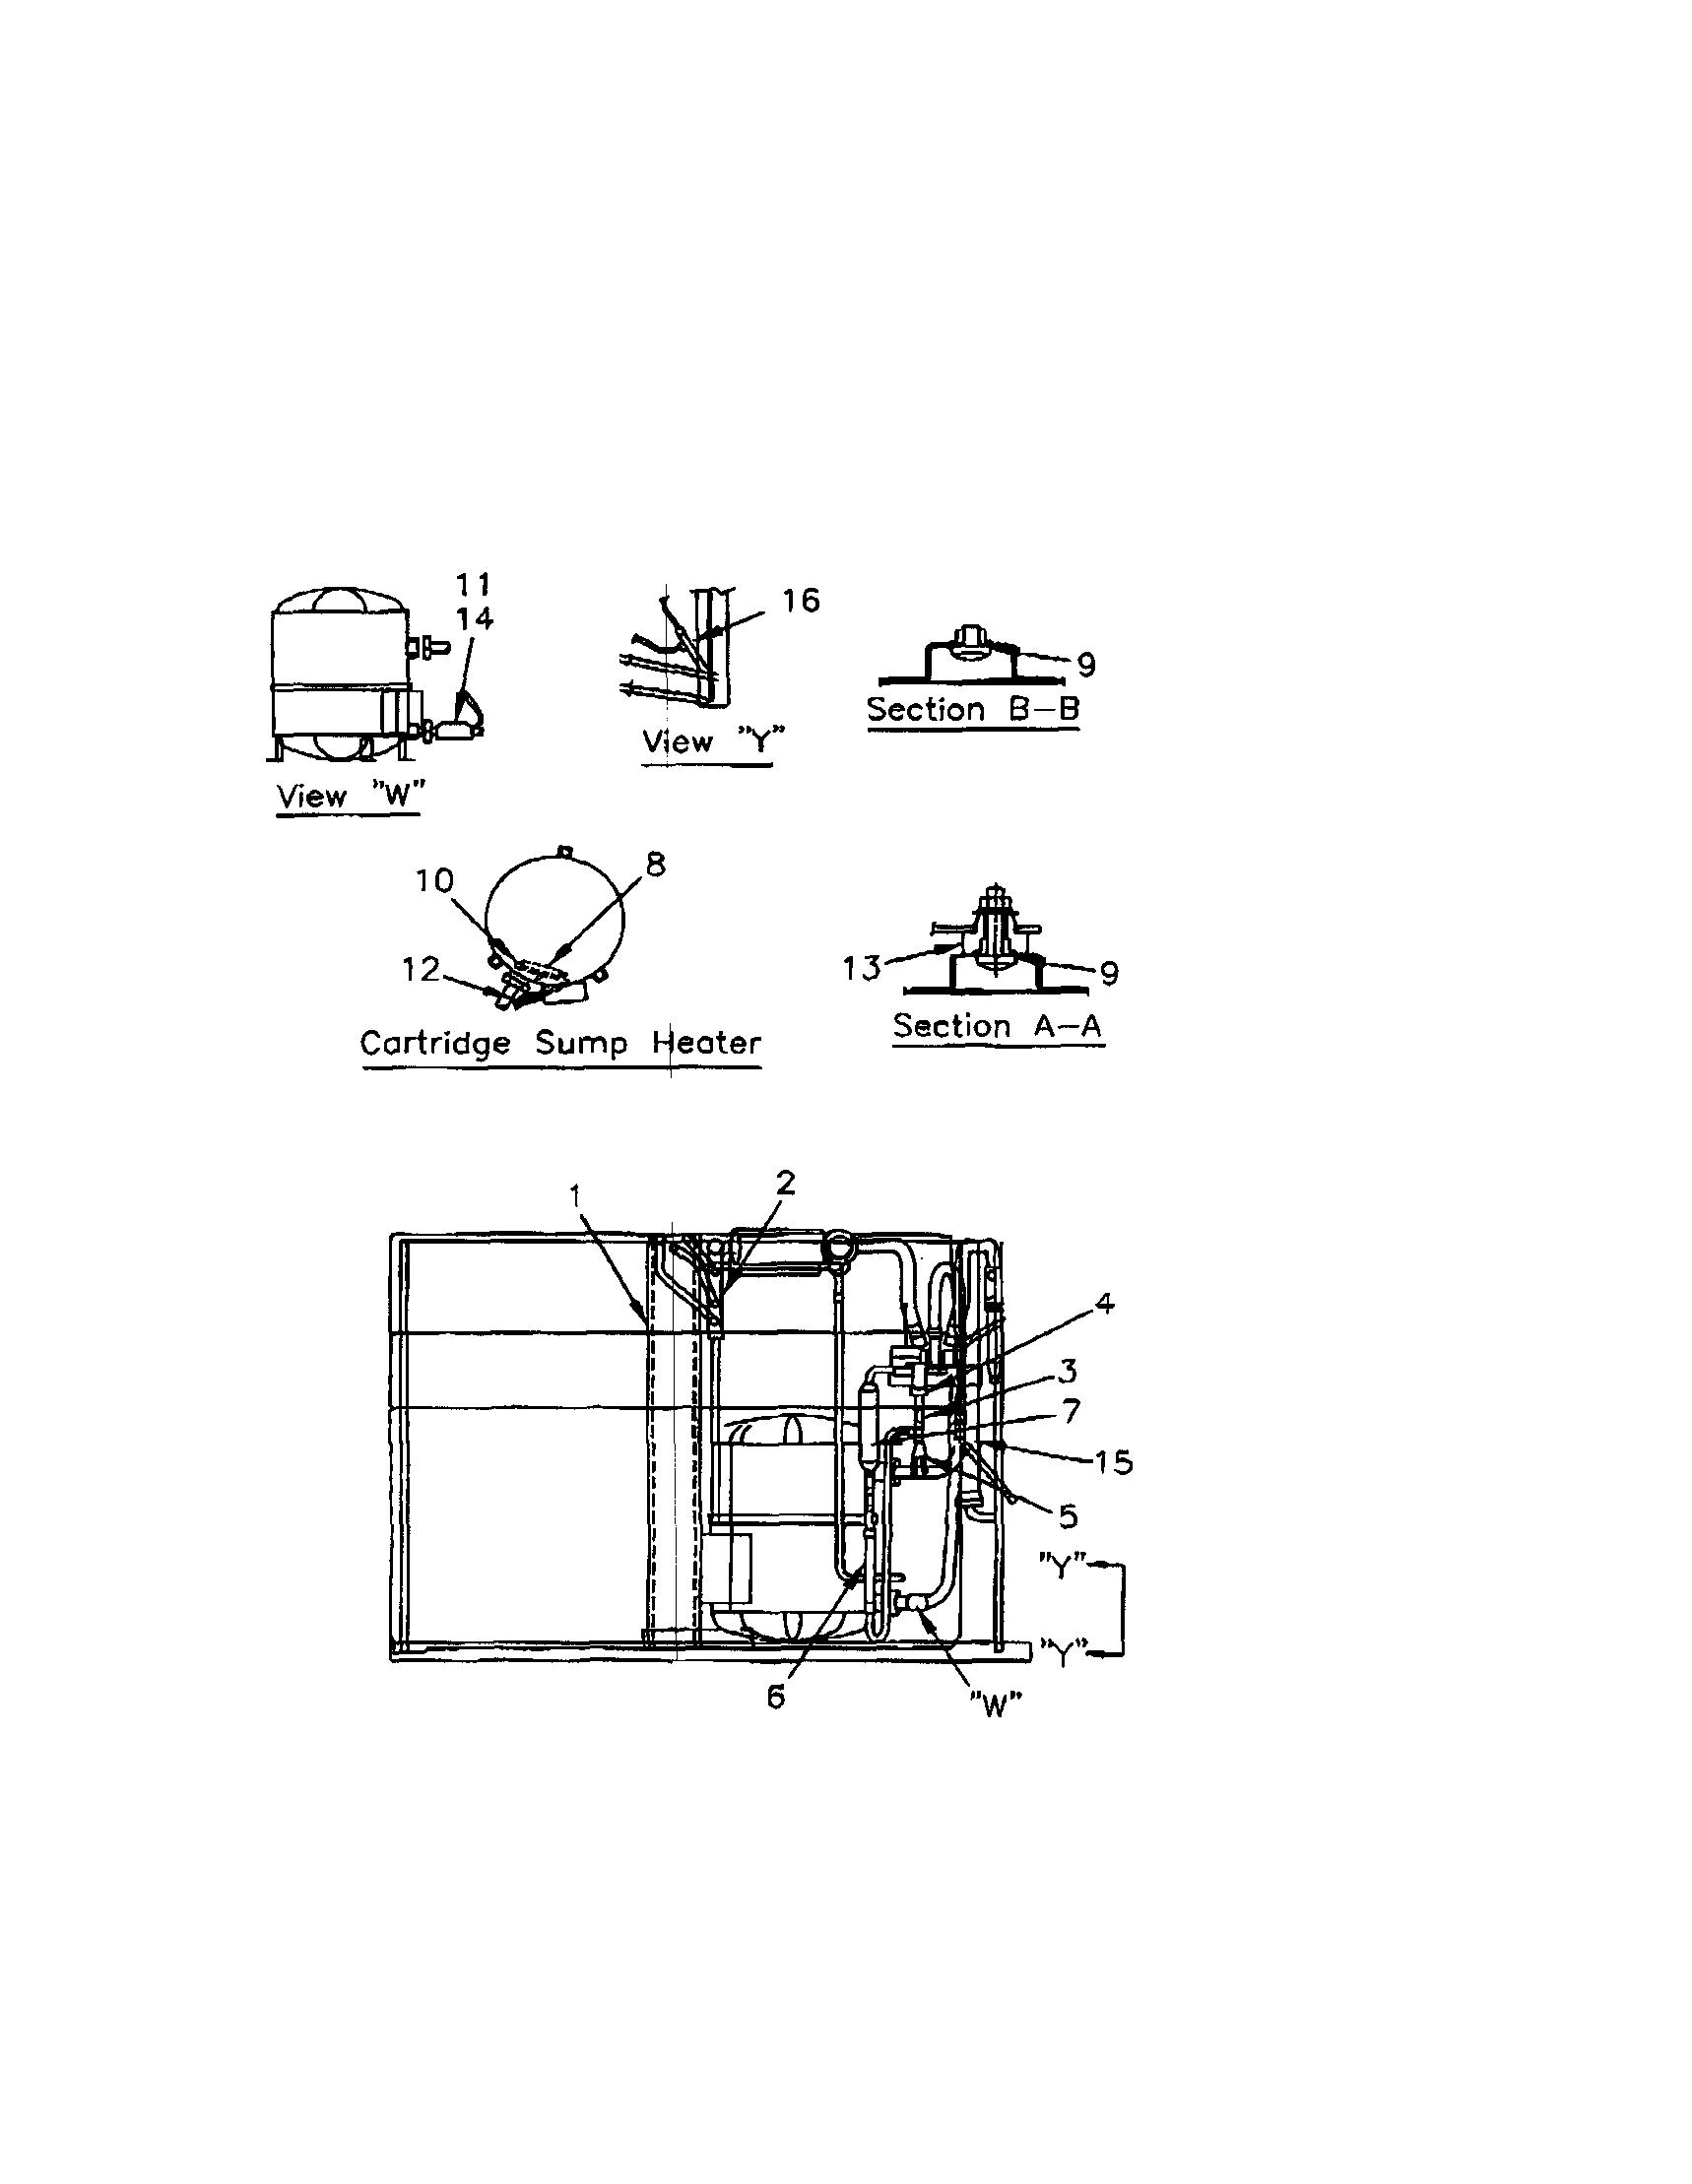 Trane Heat Pump Wiring Diagram Schematic